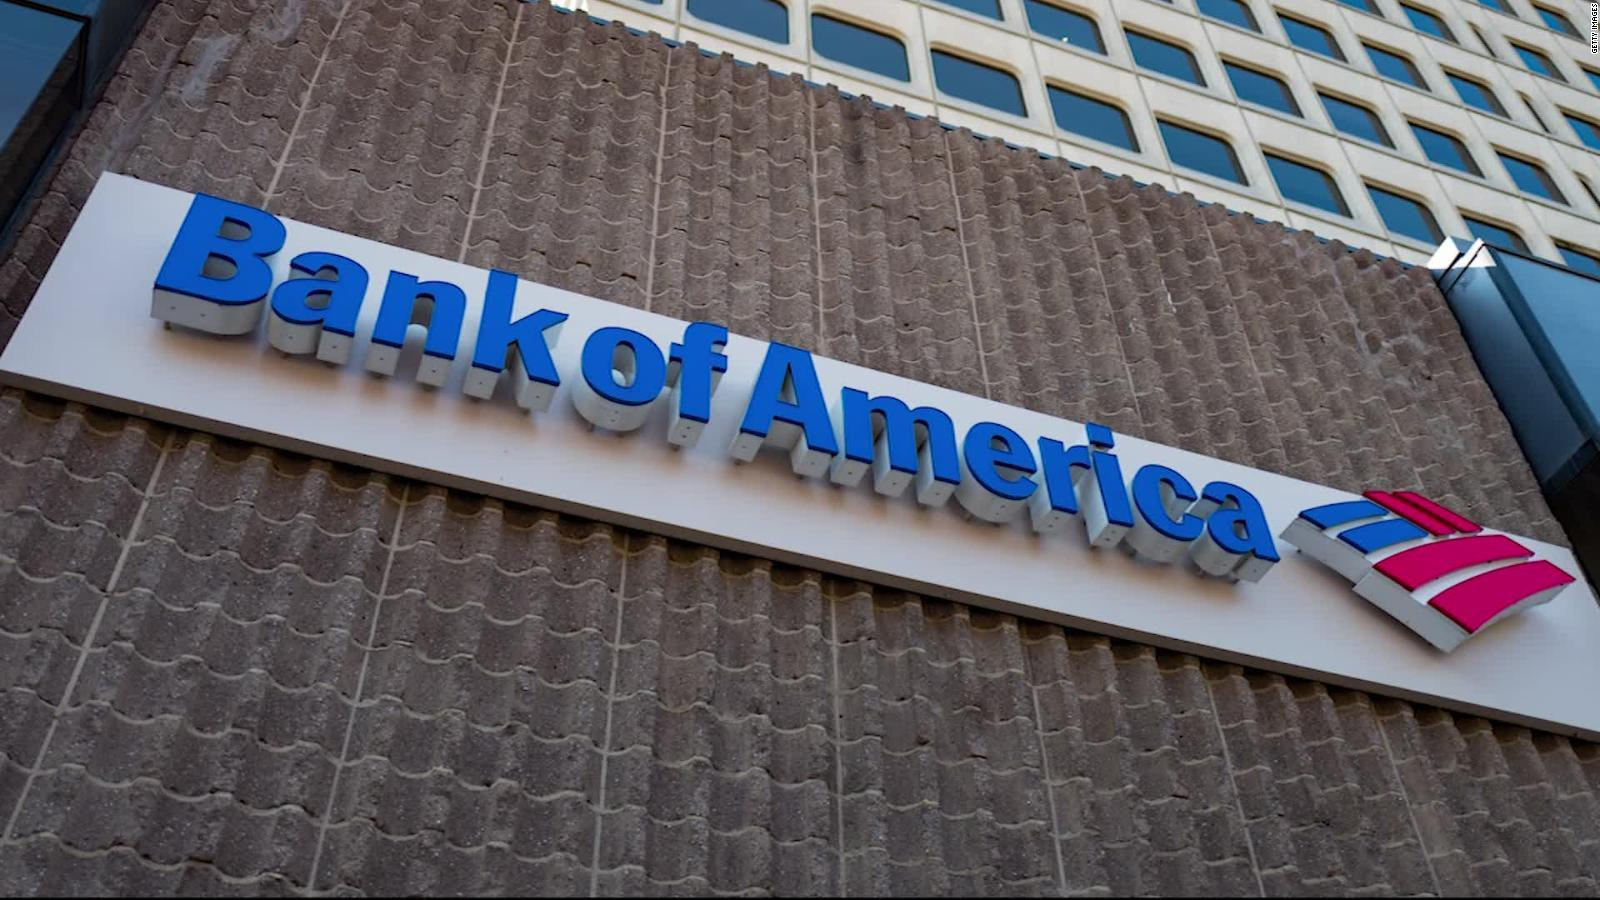 Centros de detención de migrantes no recibirán más financiamiento del Bank of America